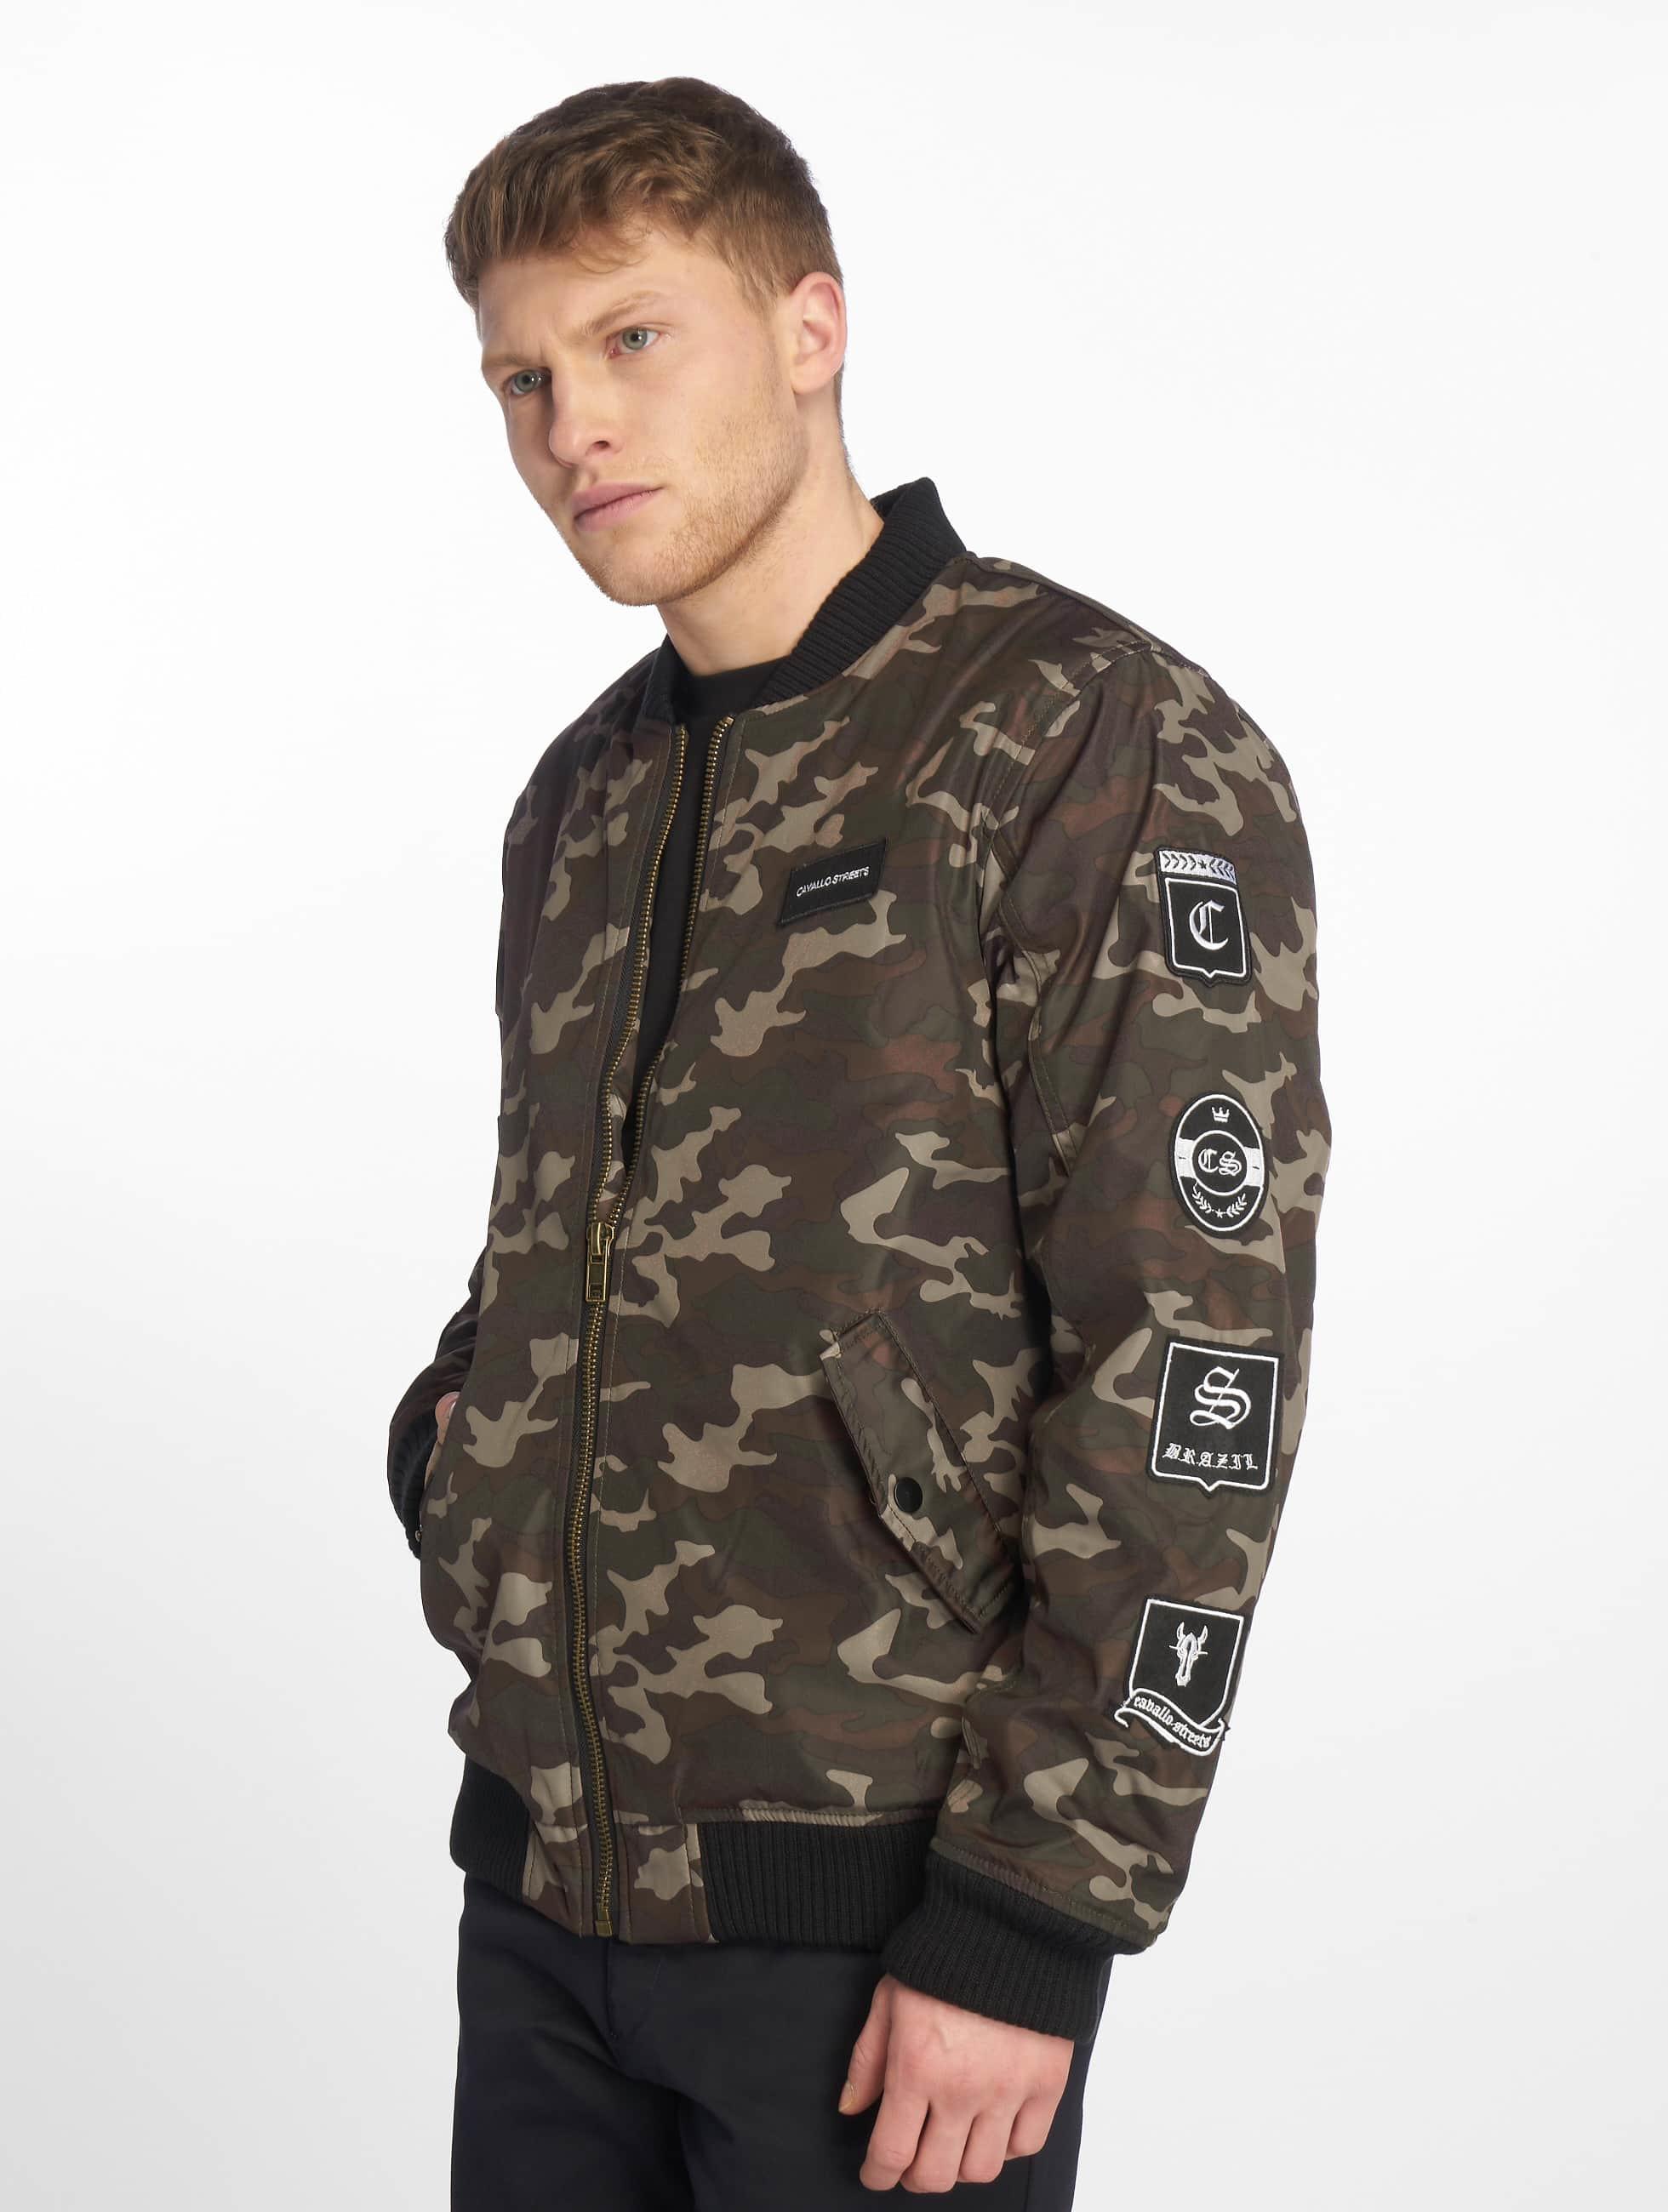 Cavallo de Ferro / Bomber jacket Stereo in camouflage XL